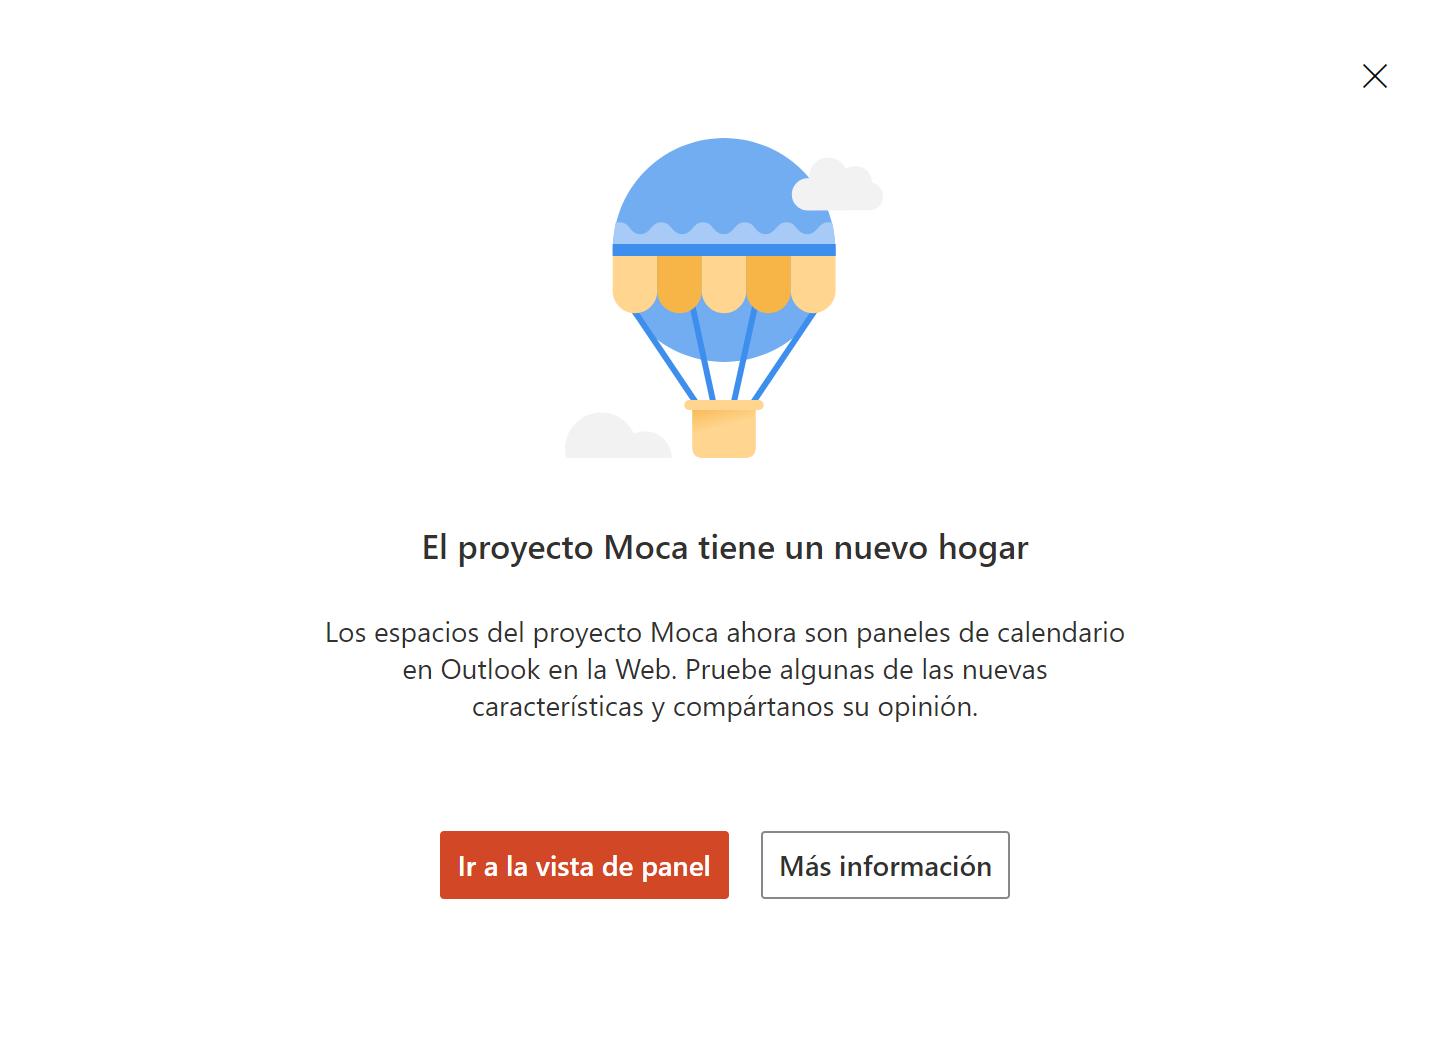 Project Moca est déplacé vers le calendrier Outlook